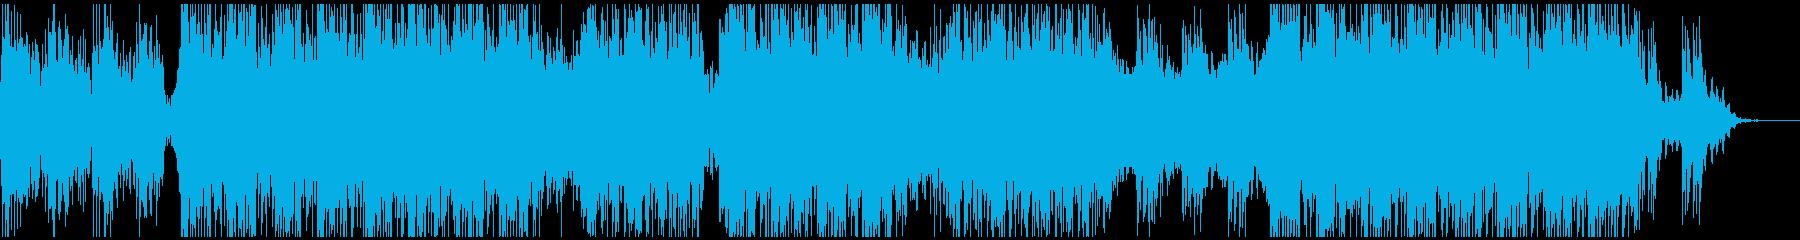 明るく楽観的な電子サウンドの再生済みの波形